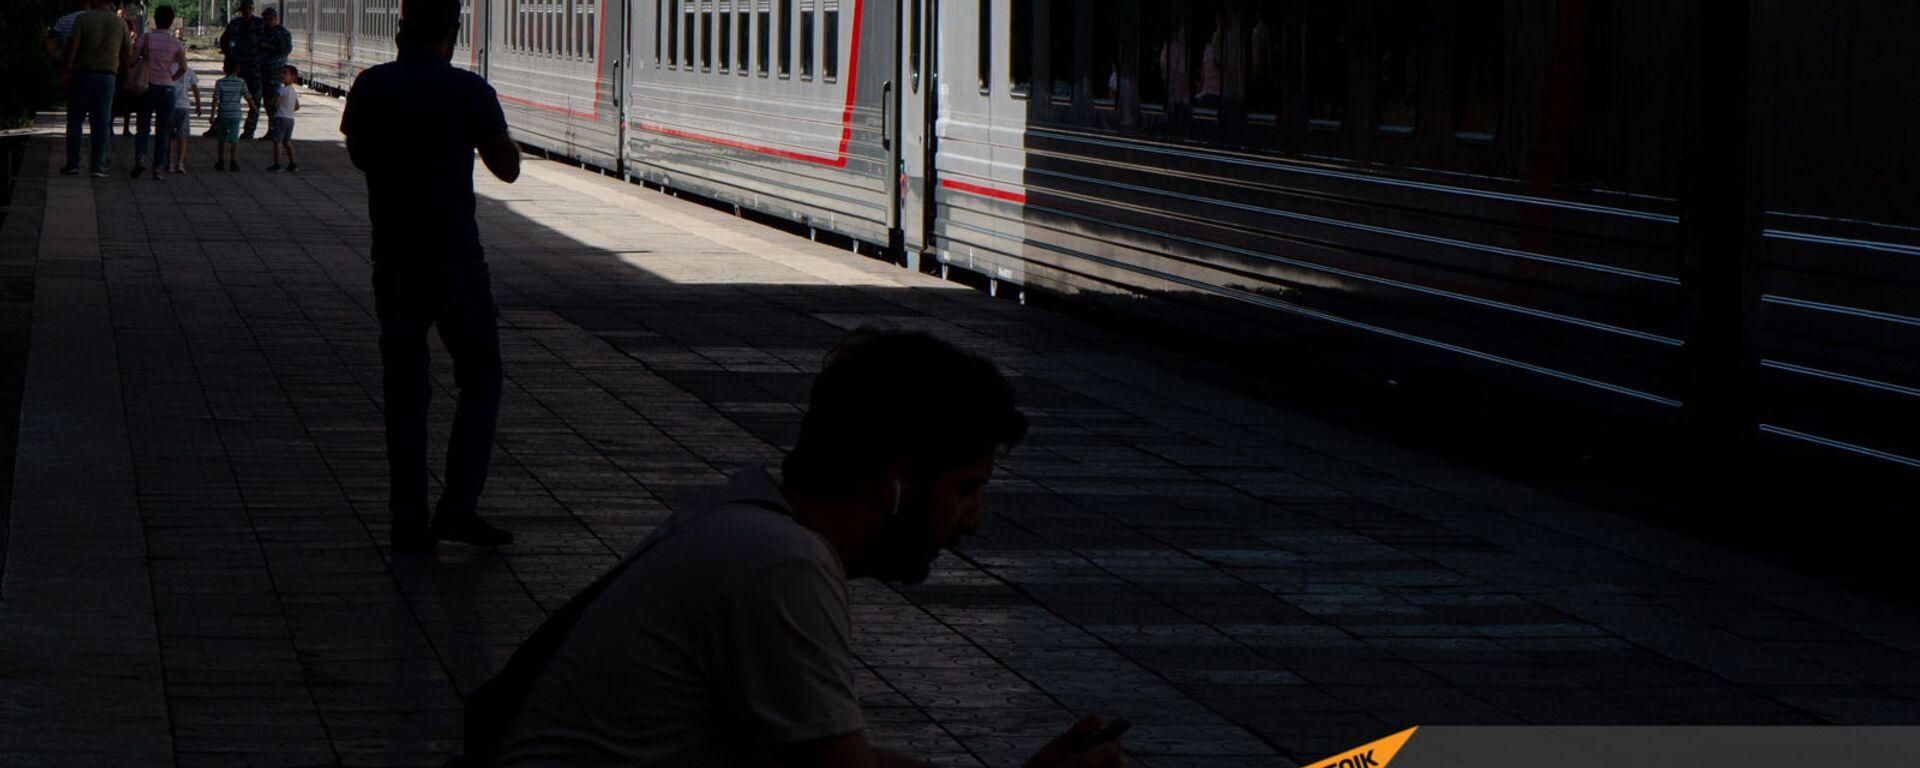 Новые пассажирские вагоны российского производства, прибывшие в Еревaн - Sputnik Армения, 1920, 08.06.2021